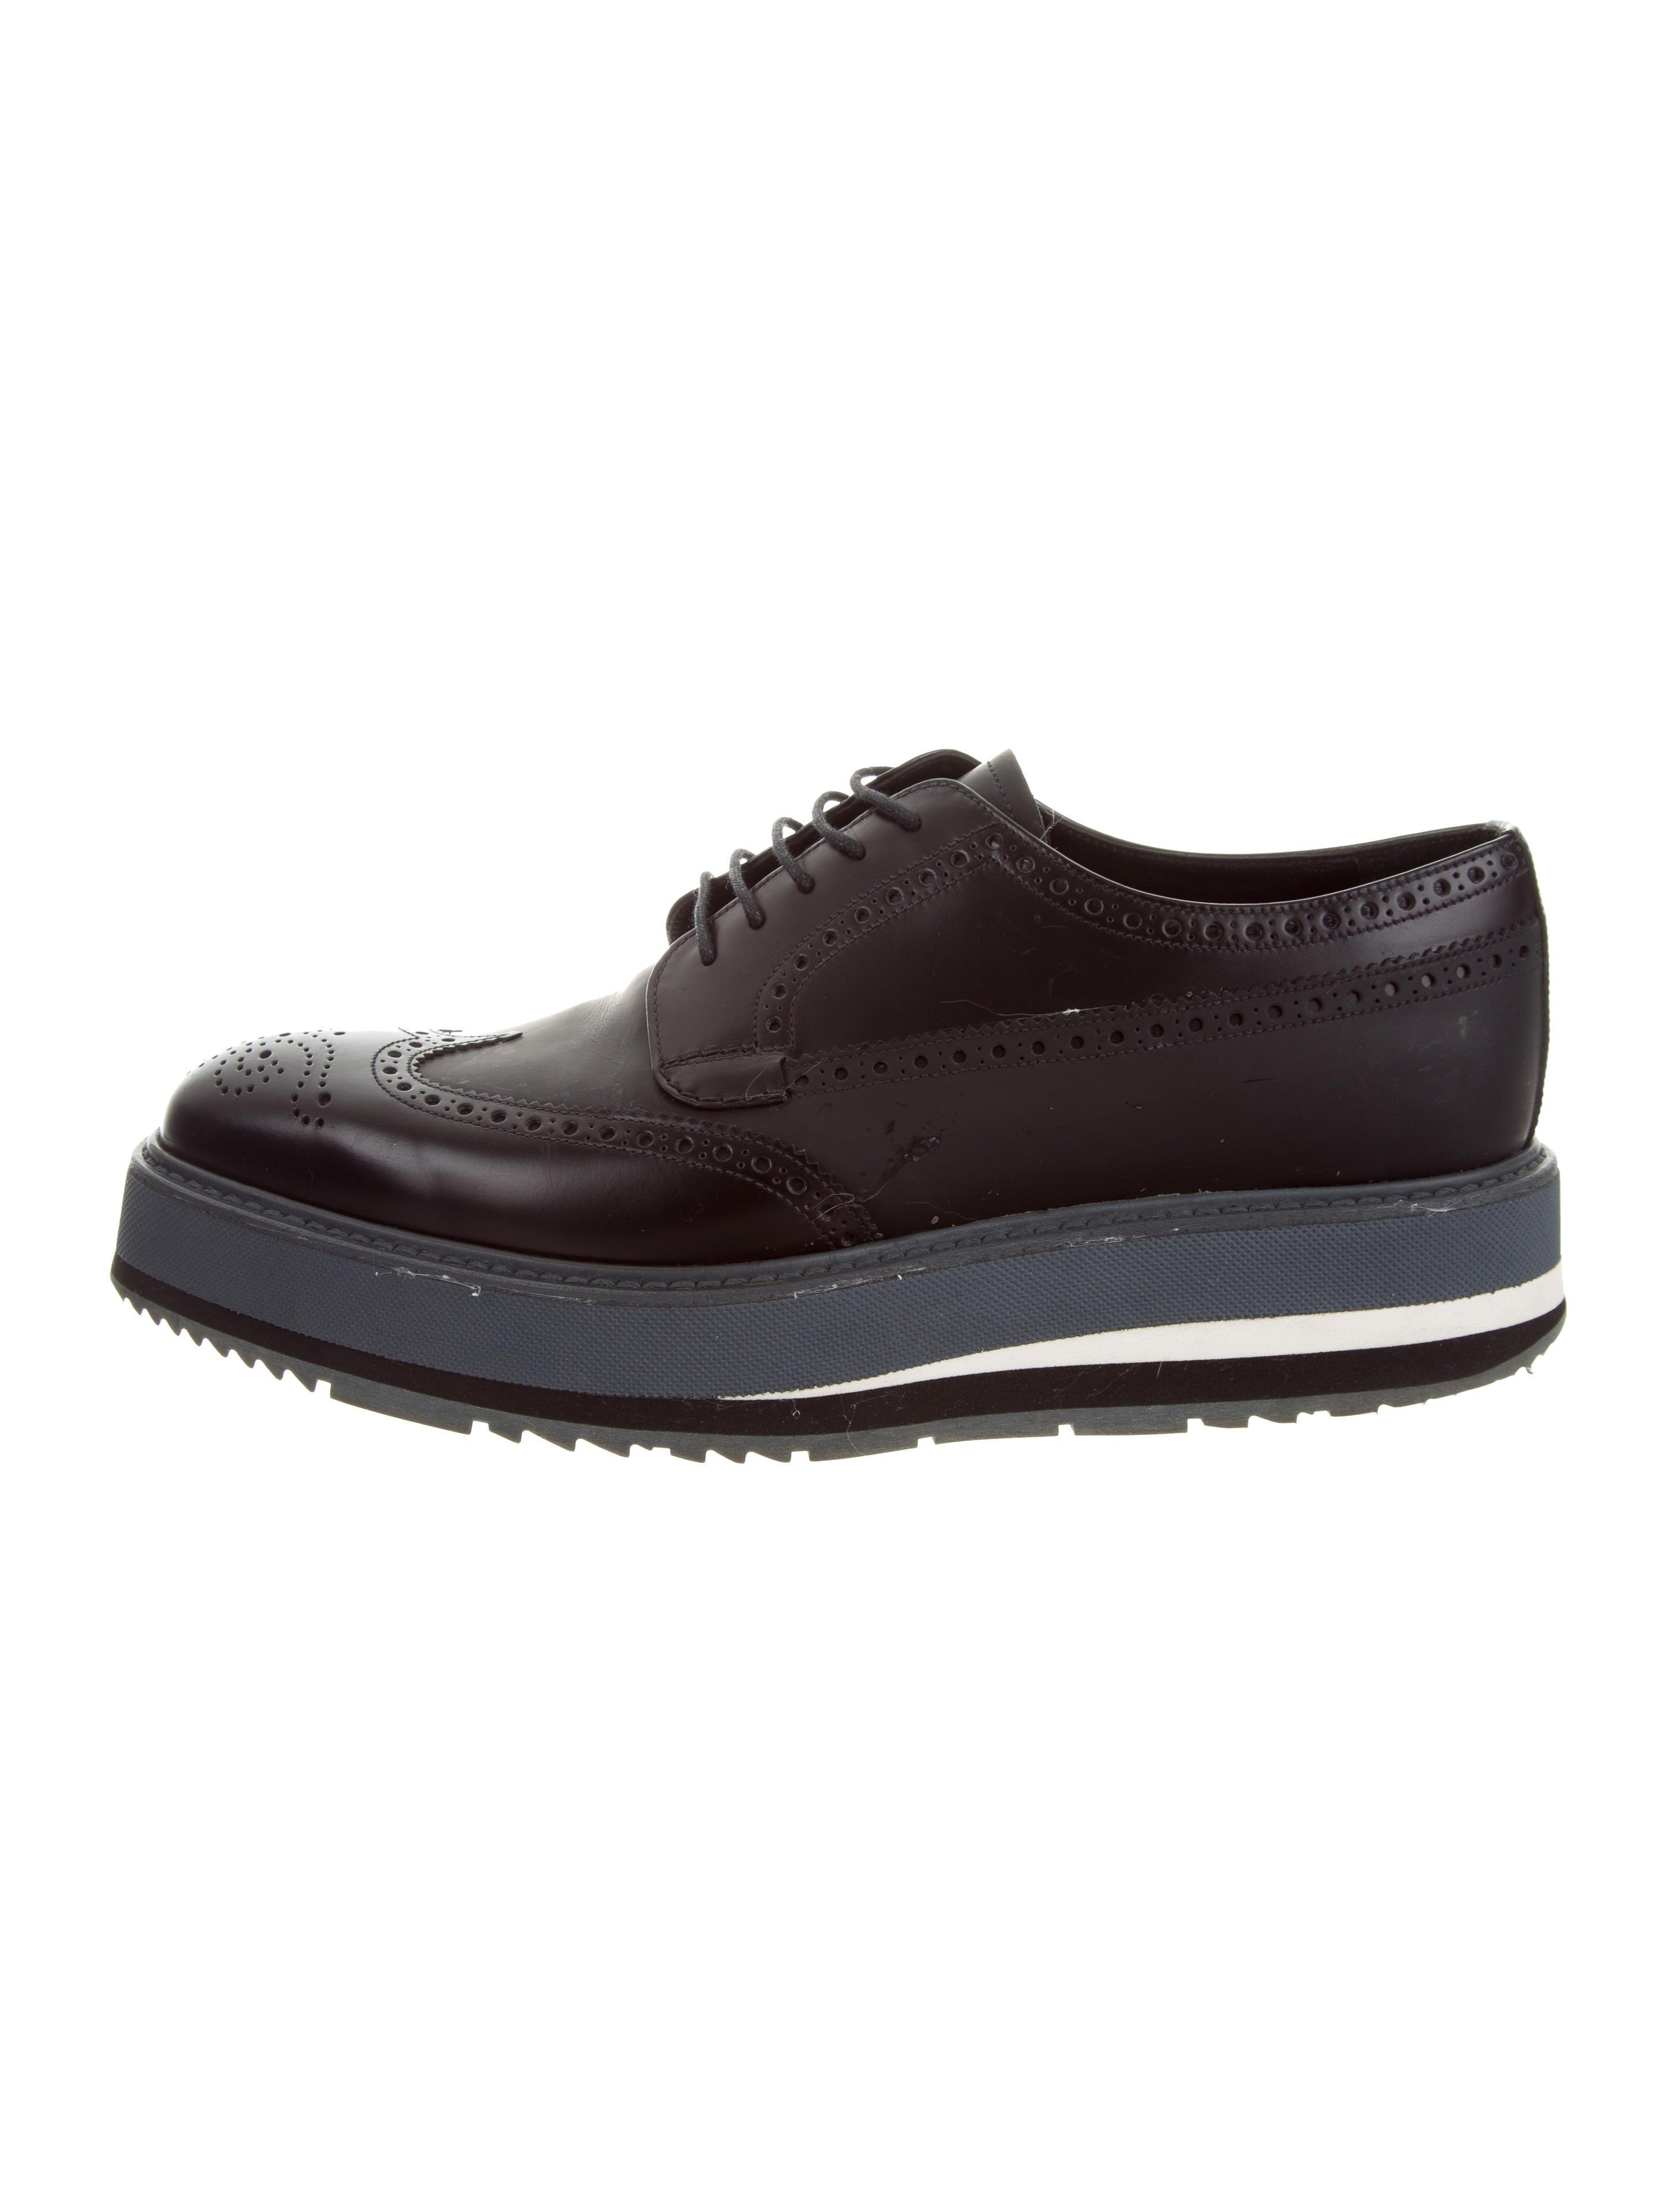 77a6f00475 Prada Platform Leather Derby Shoes - Shoes - PRA185597